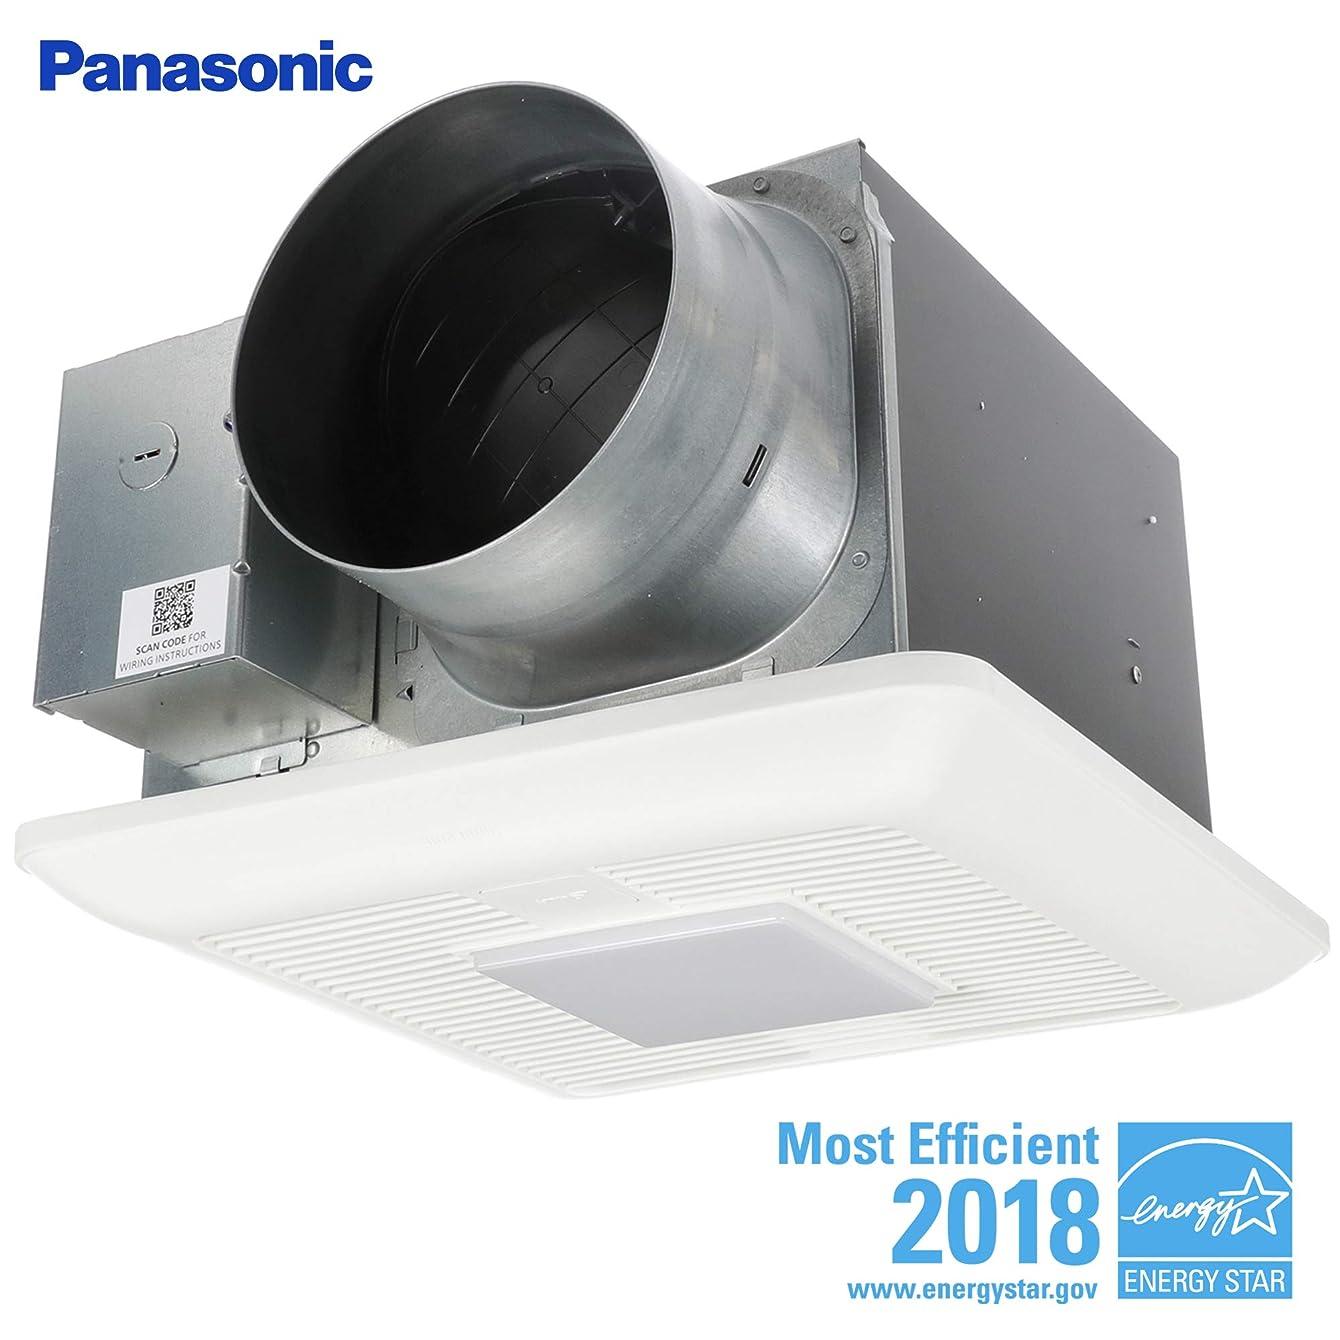 Panasonic FV-1115VKL2 WhisperGreen Multi-Flow Bathroom Fan, White